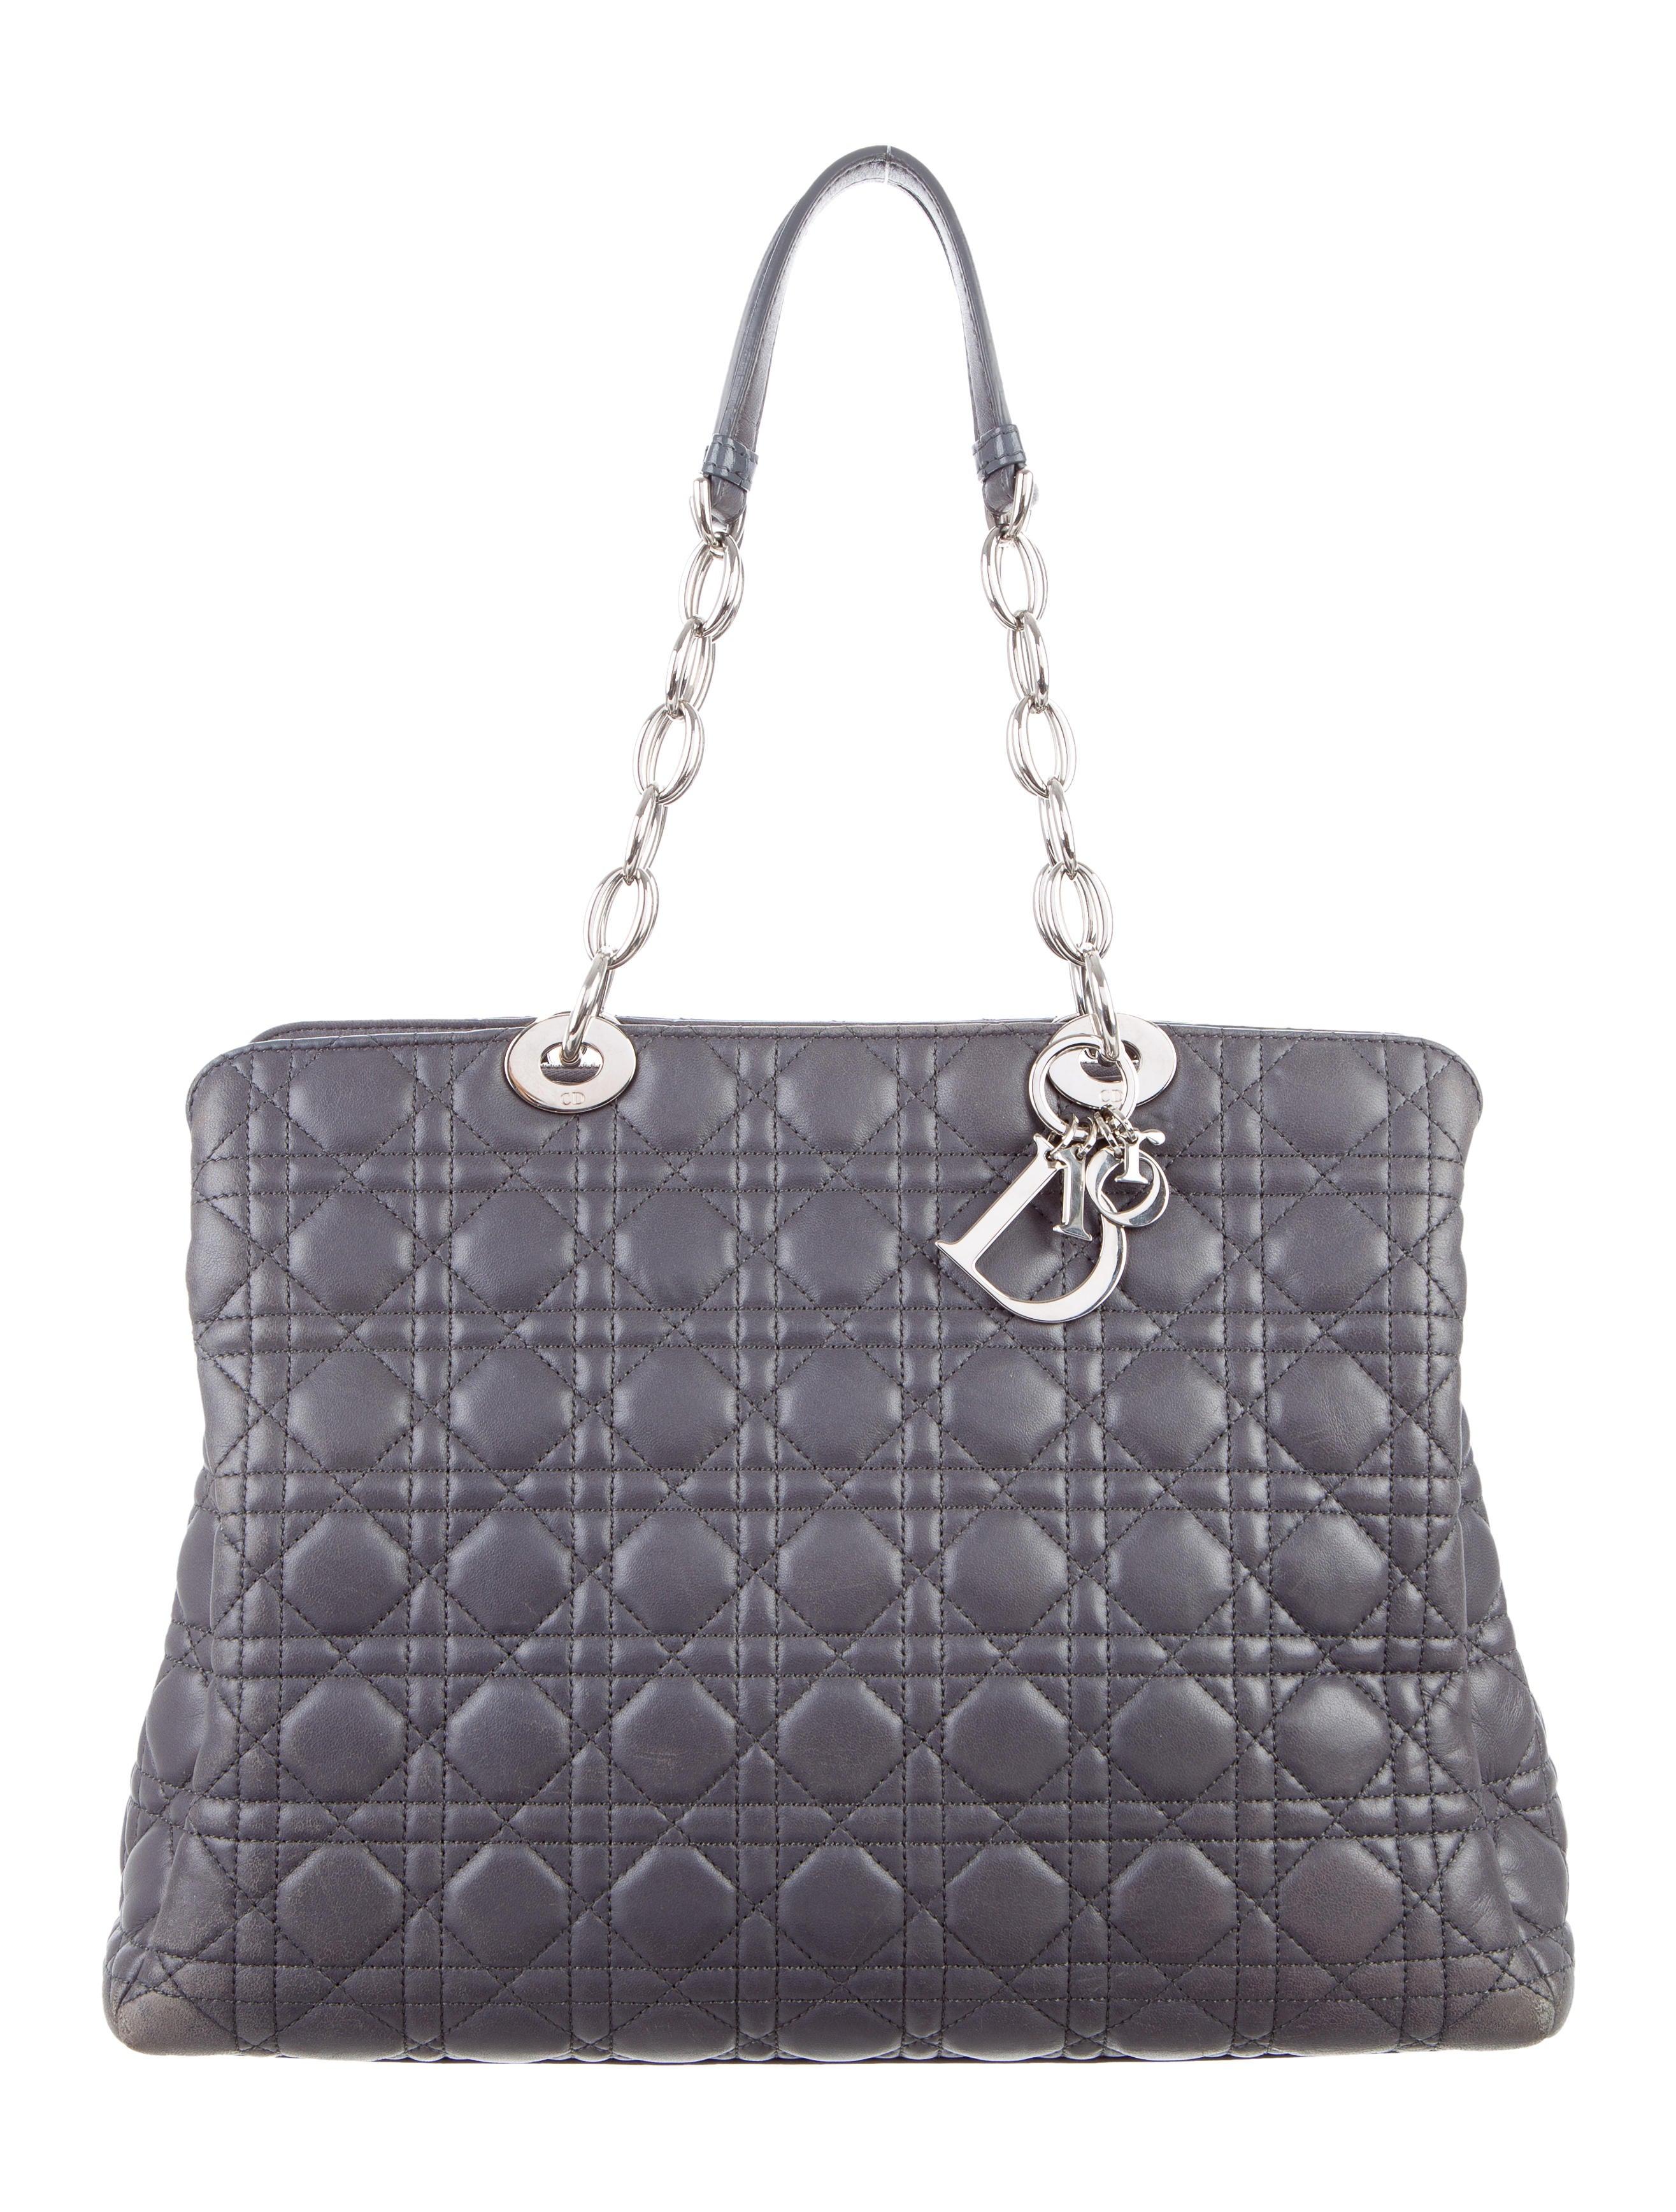 Christian Dior Soft Lady Dior Shopper - Handbags ...